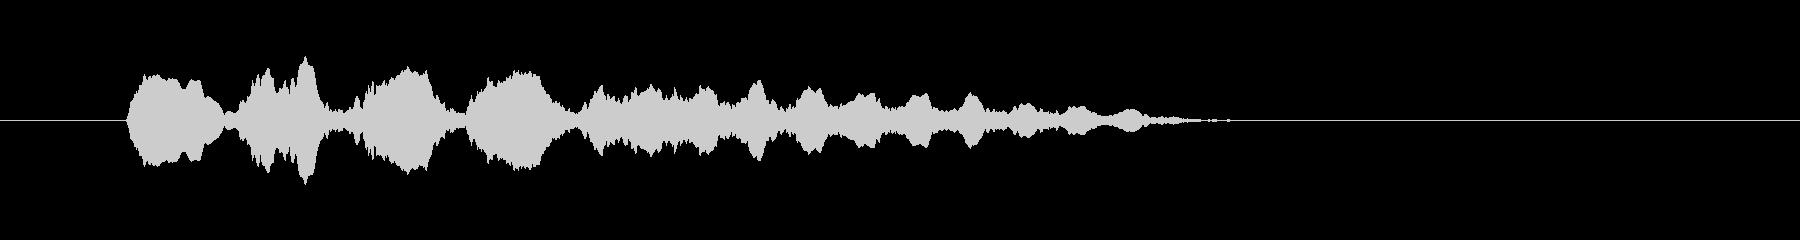 ファンファンファーン(残念、失敗)の未再生の波形